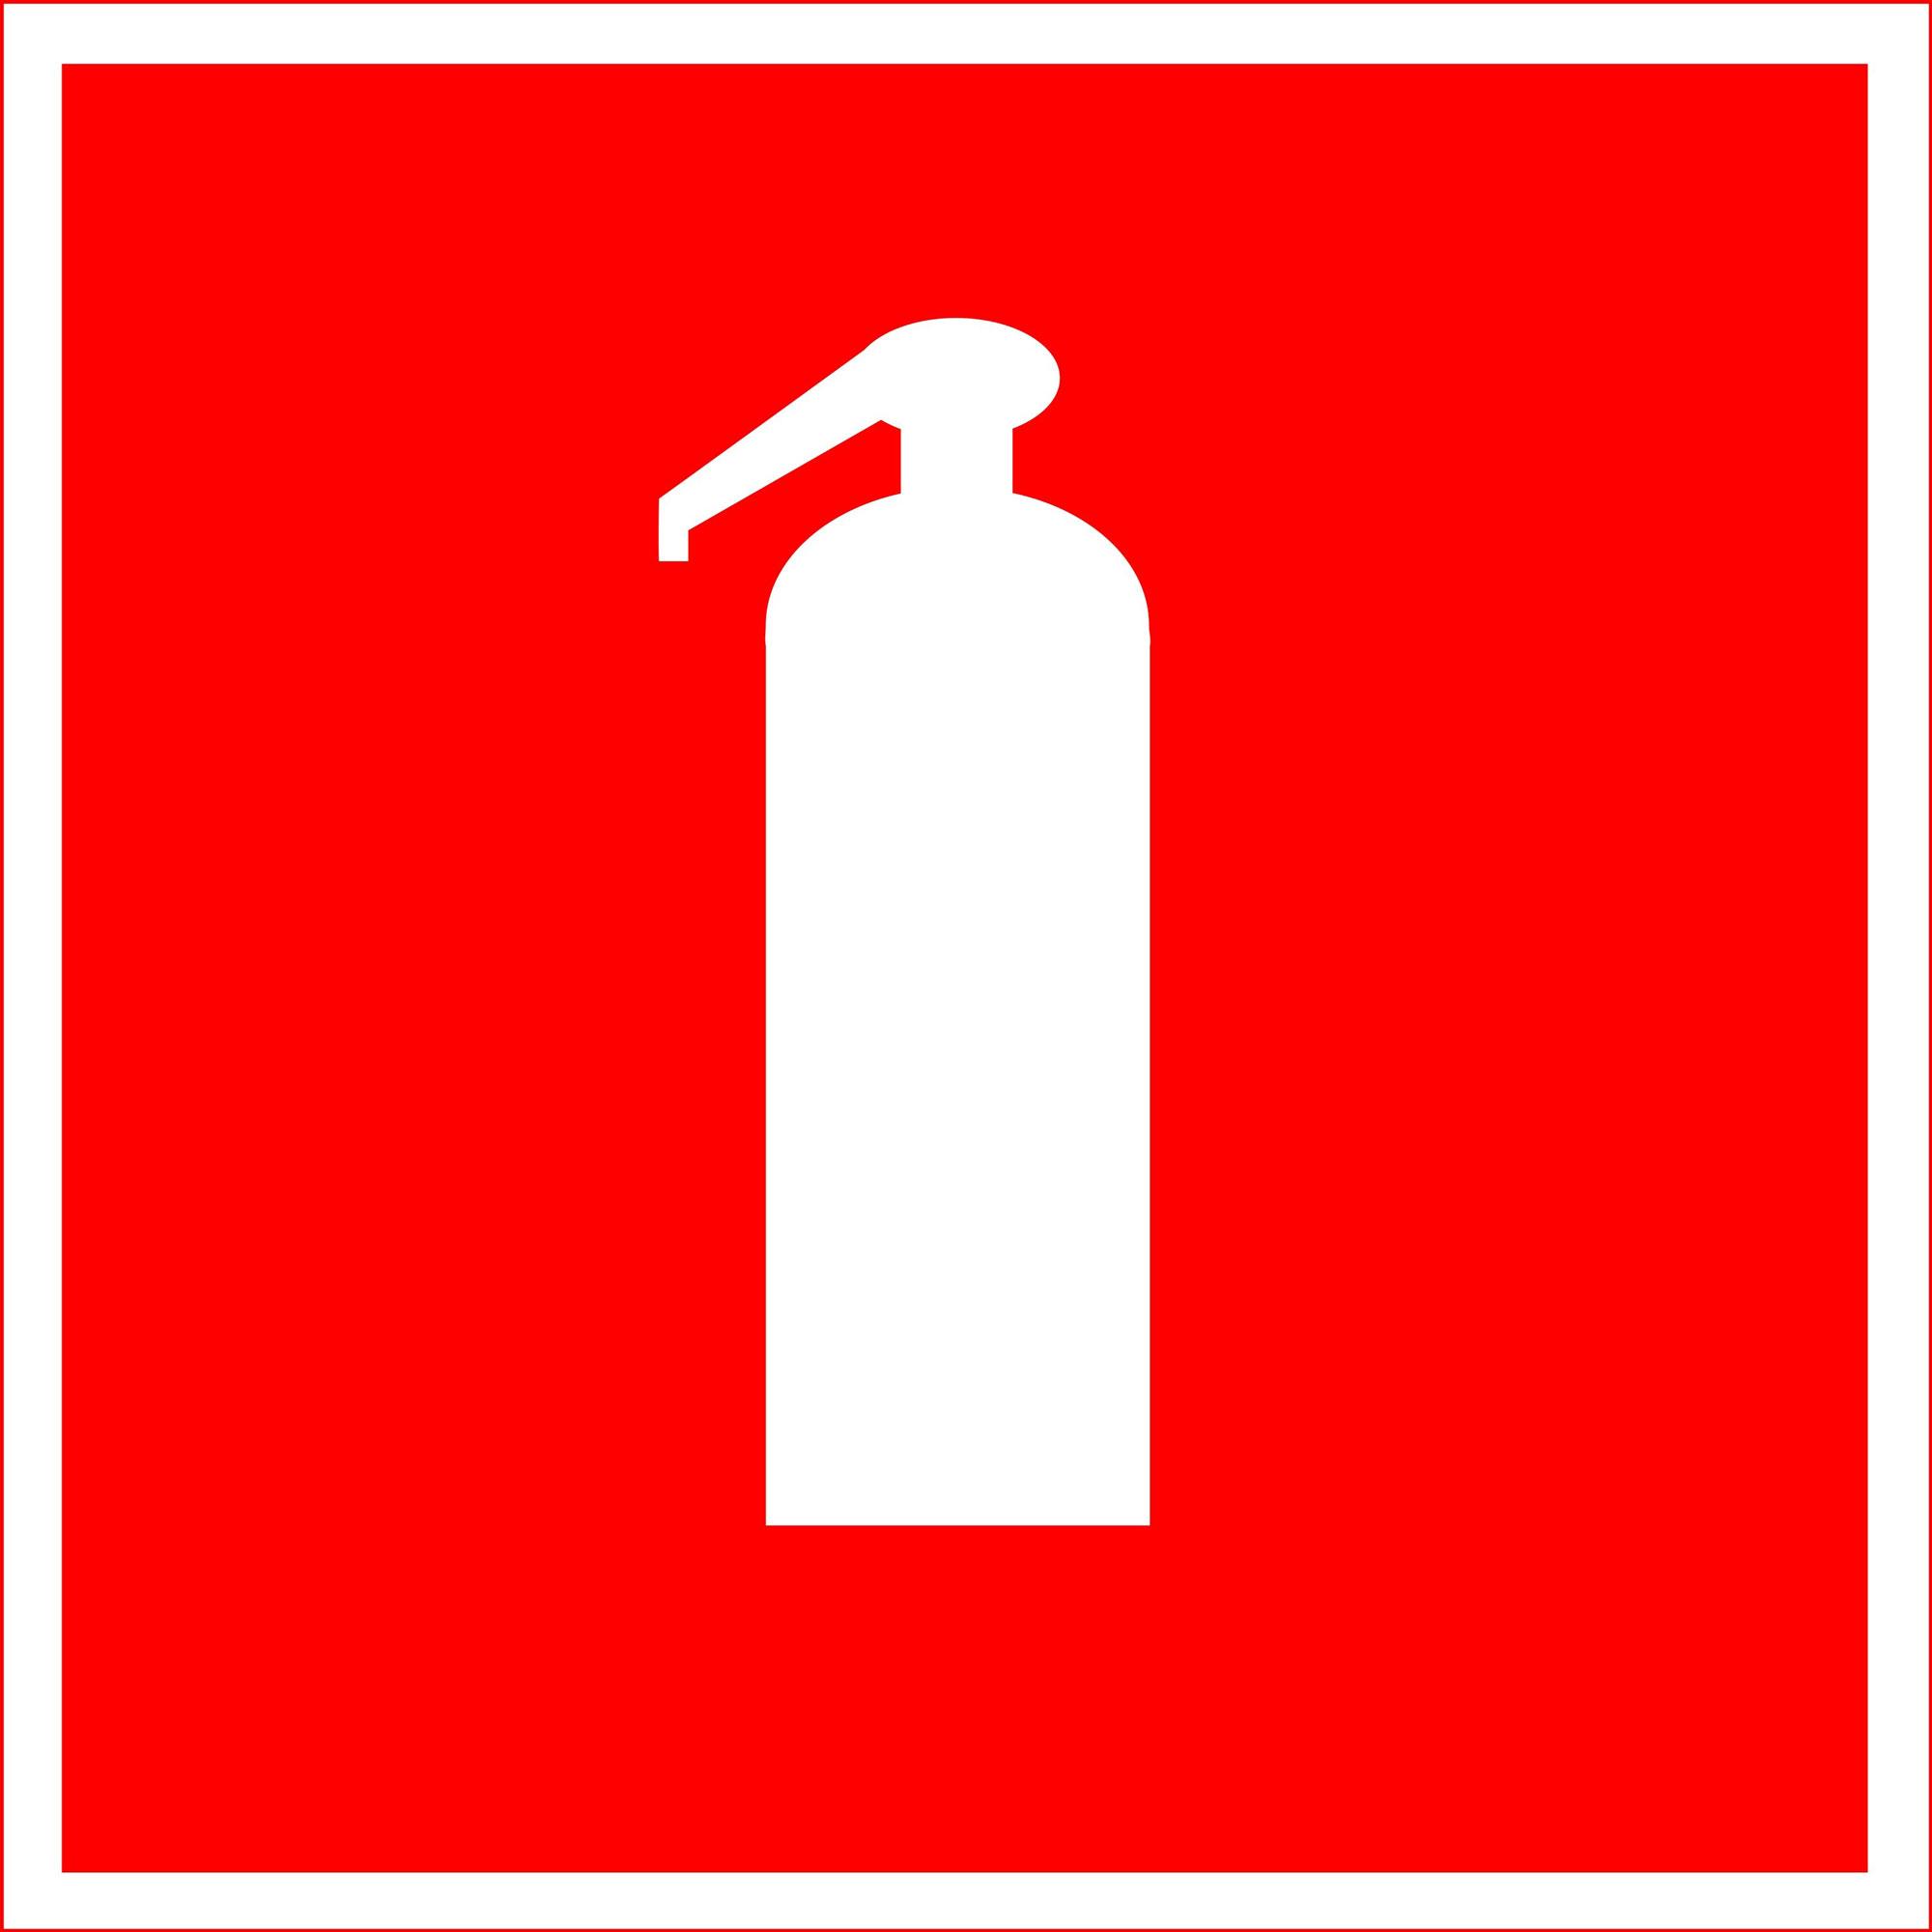 требования пожарной безопасности к хранению баллончиков: